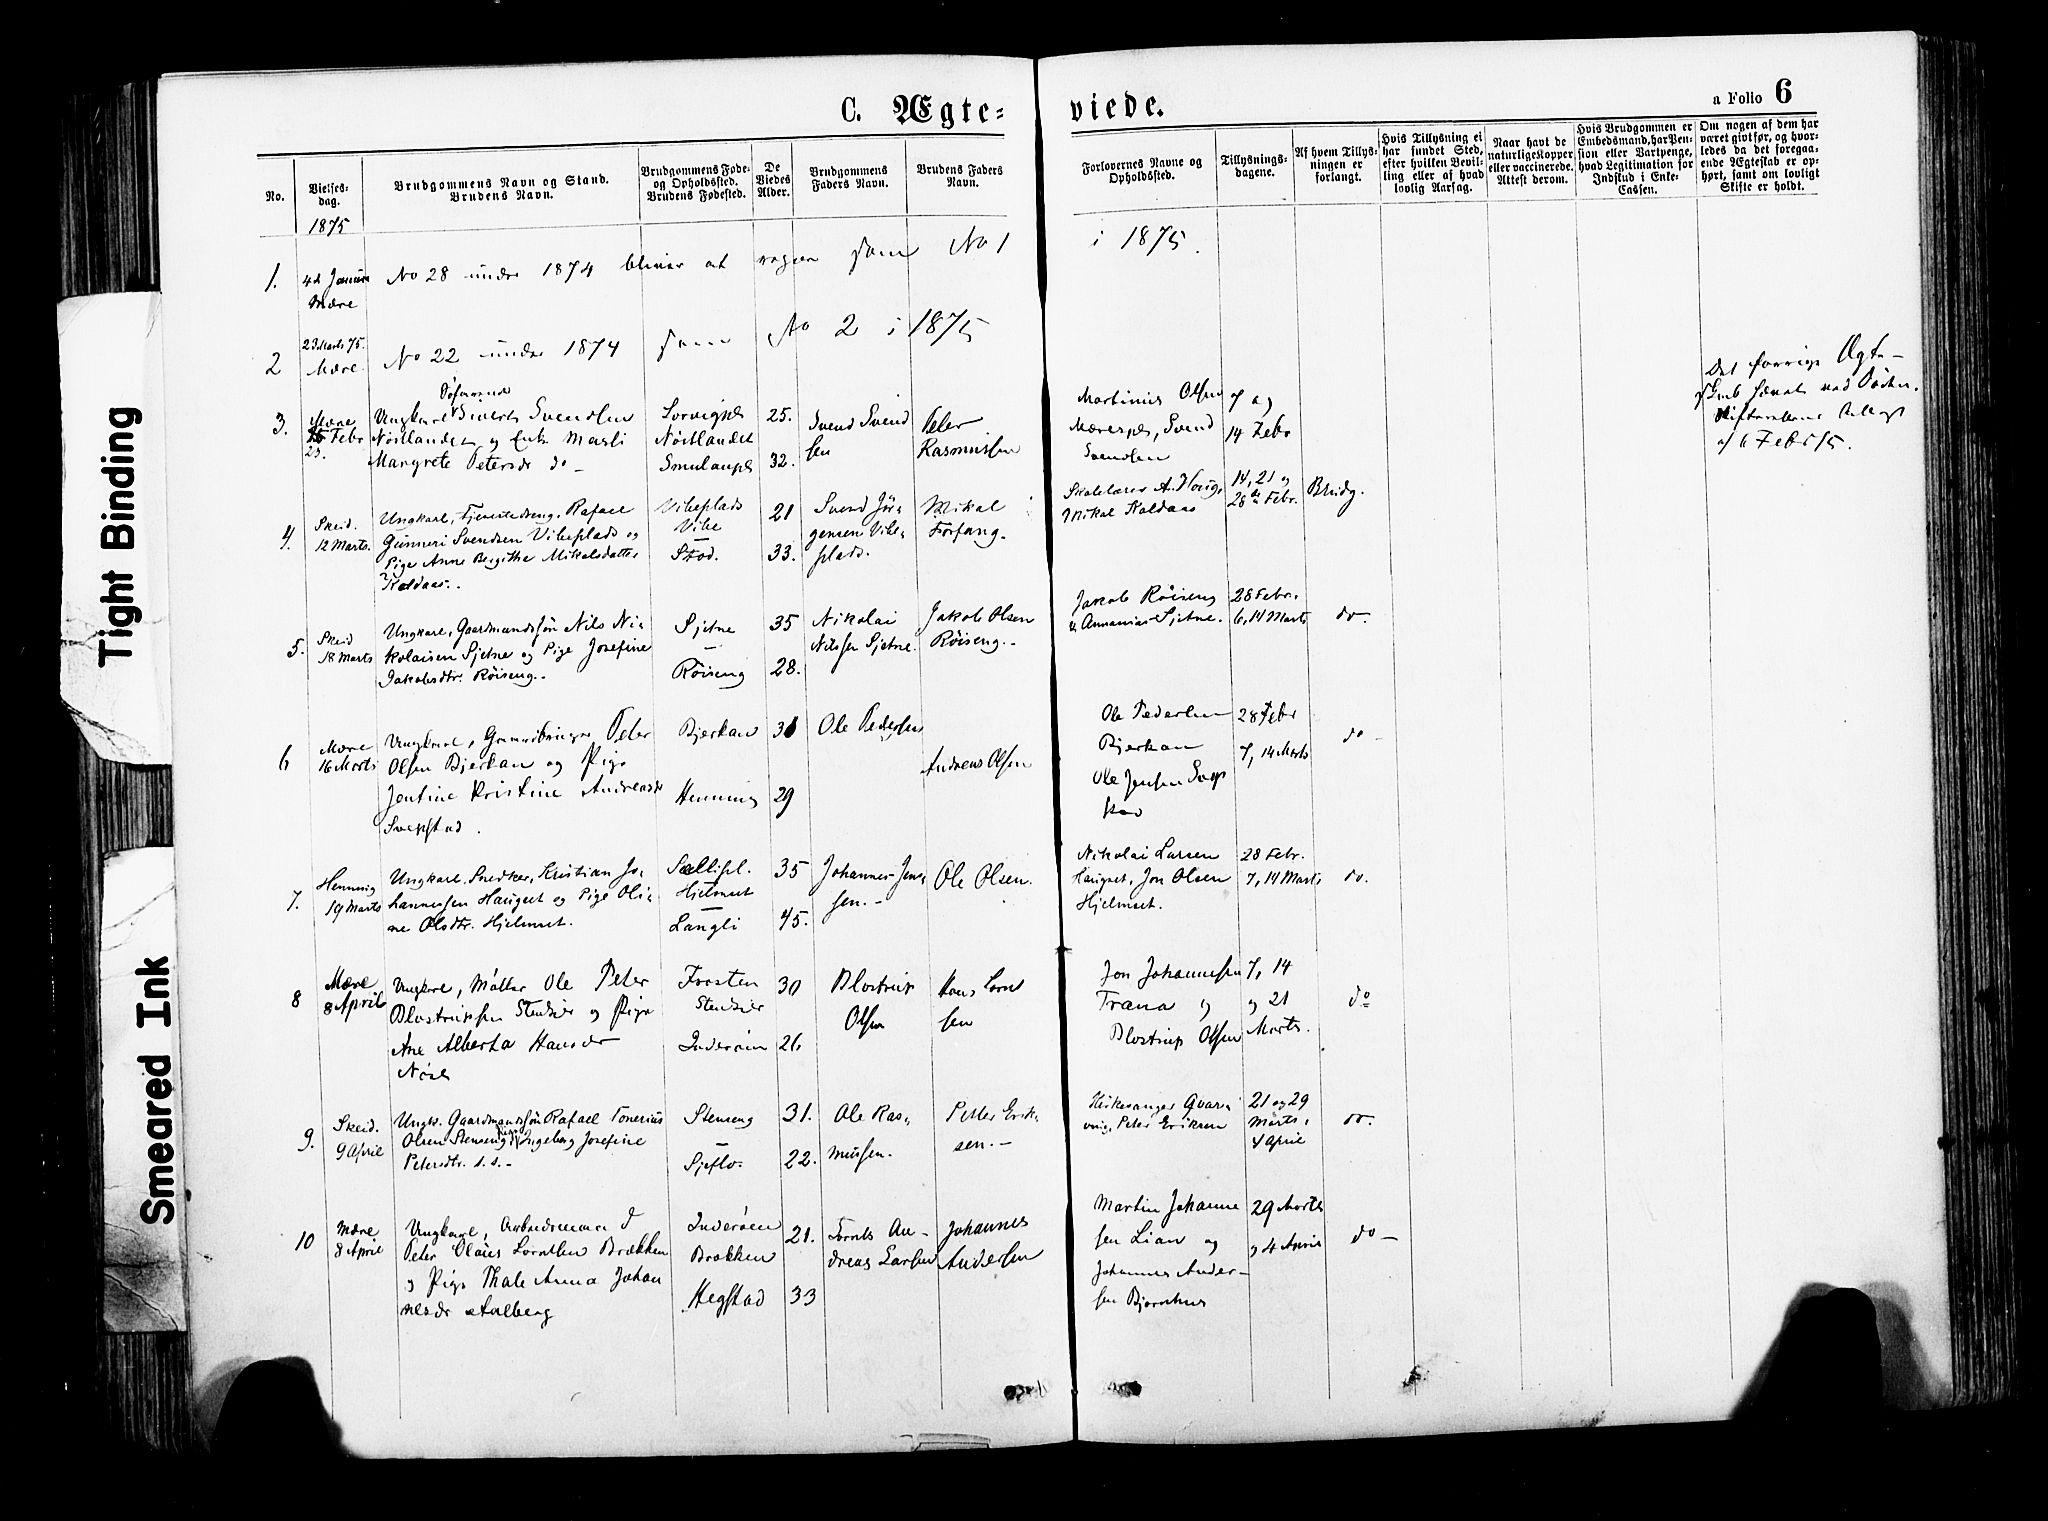 SAT, Ministerialprotokoller, klokkerbøker og fødselsregistre - Nord-Trøndelag, 735/L0348: Ministerialbok nr. 735A09 /1, 1873-1883, s. 6